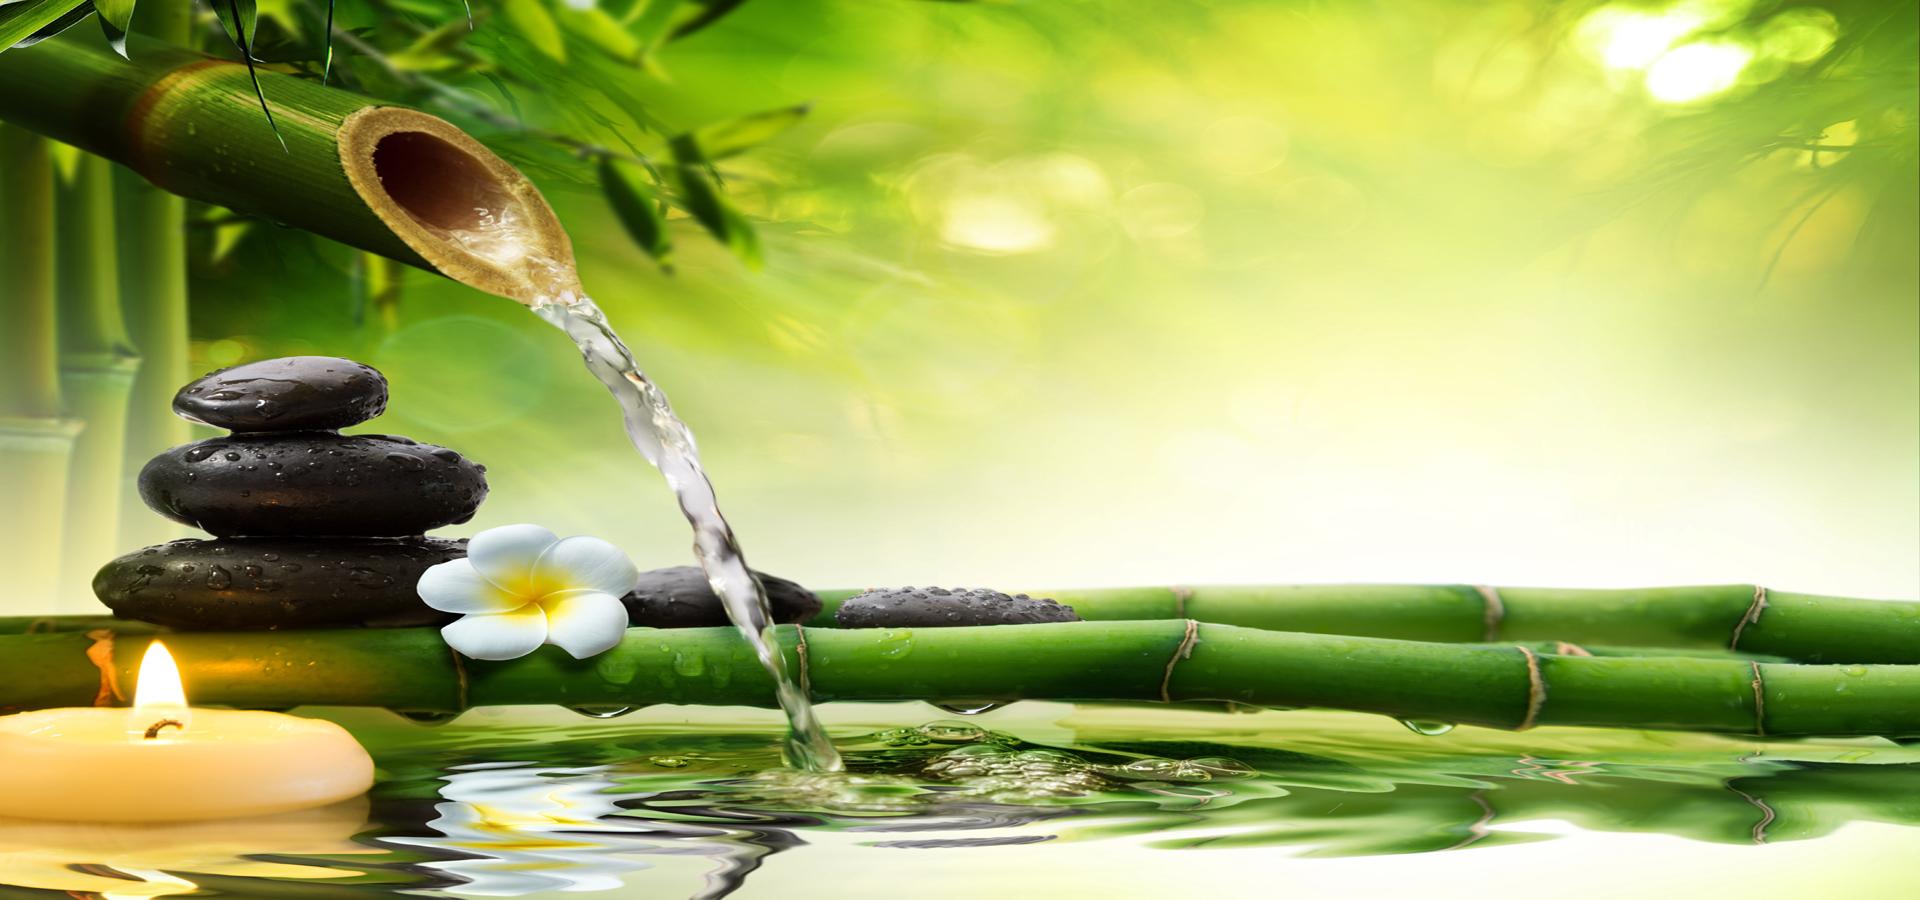 le bambou tirez de l u0026 39 eau plante contexte la r u00e9flexion